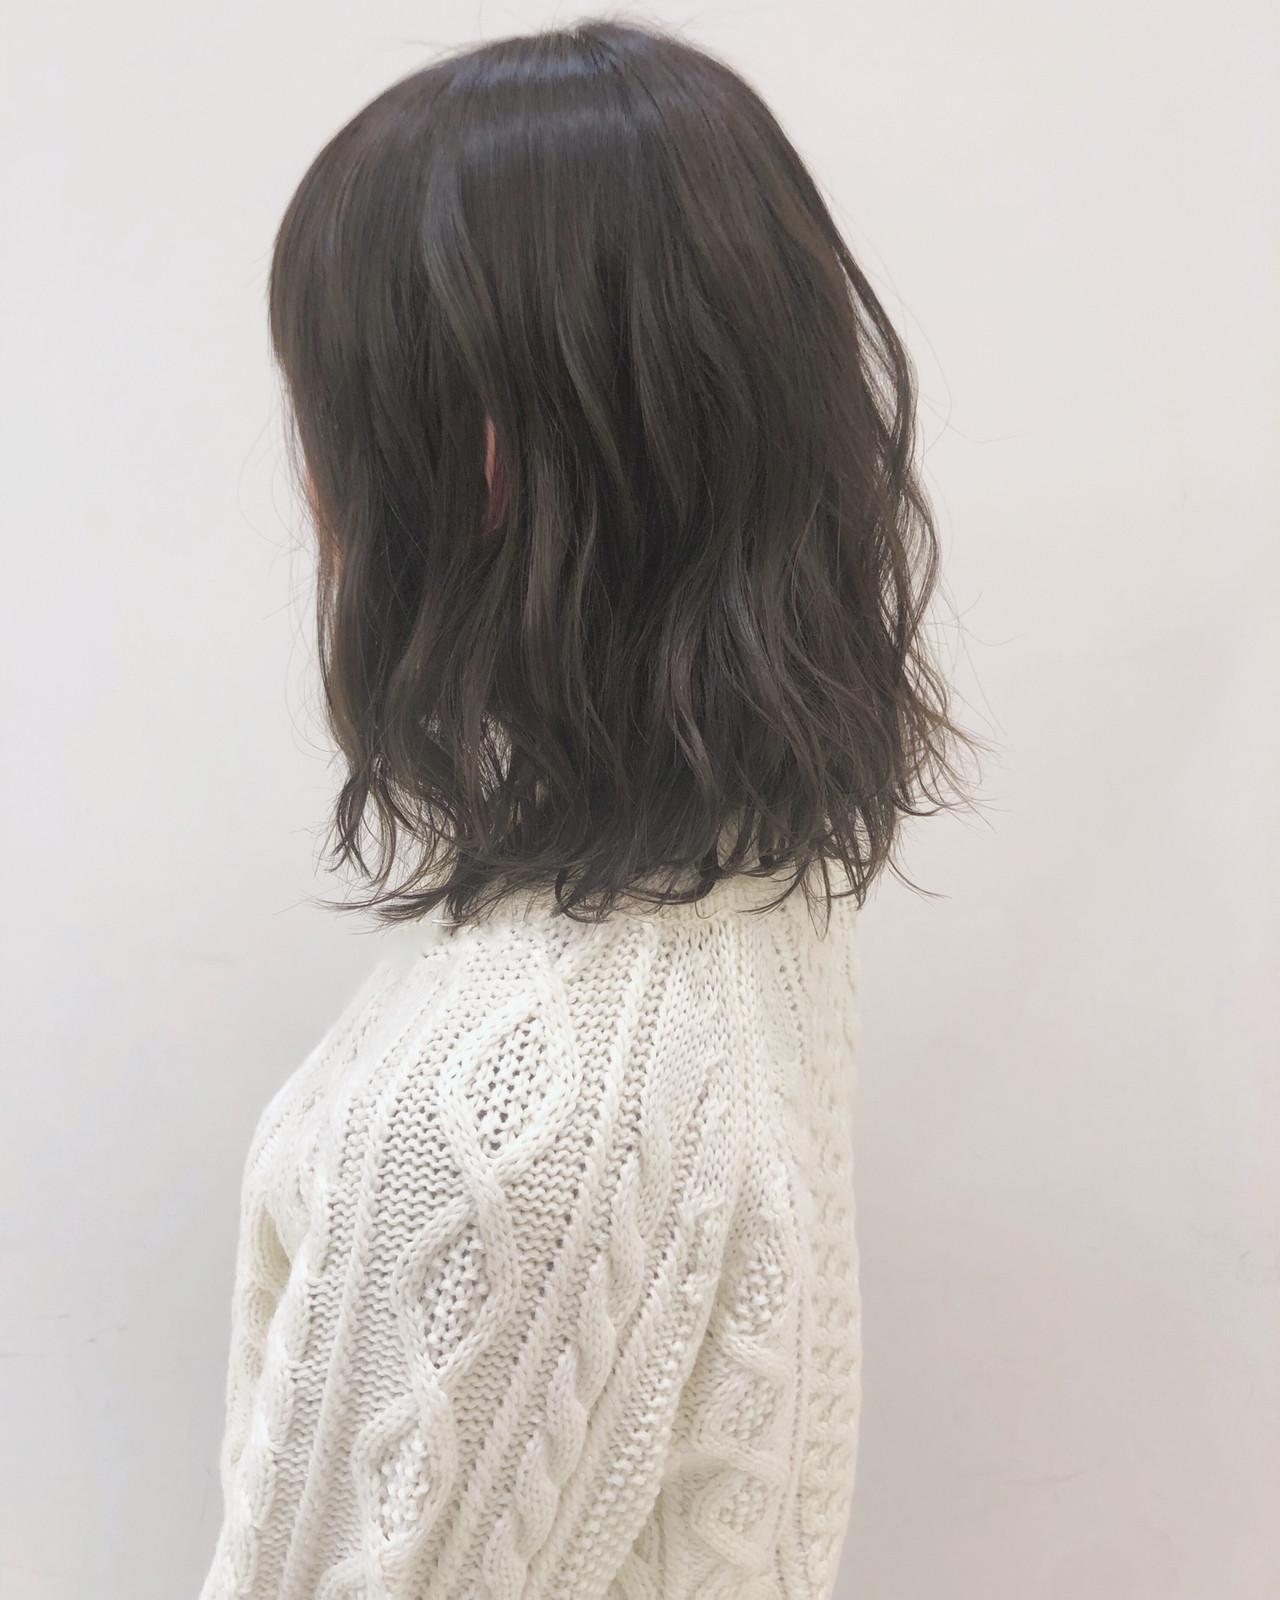 グレージュ アンニュイほつれヘア ナチュラル 大人かわいい ヘアスタイルや髪型の写真・画像